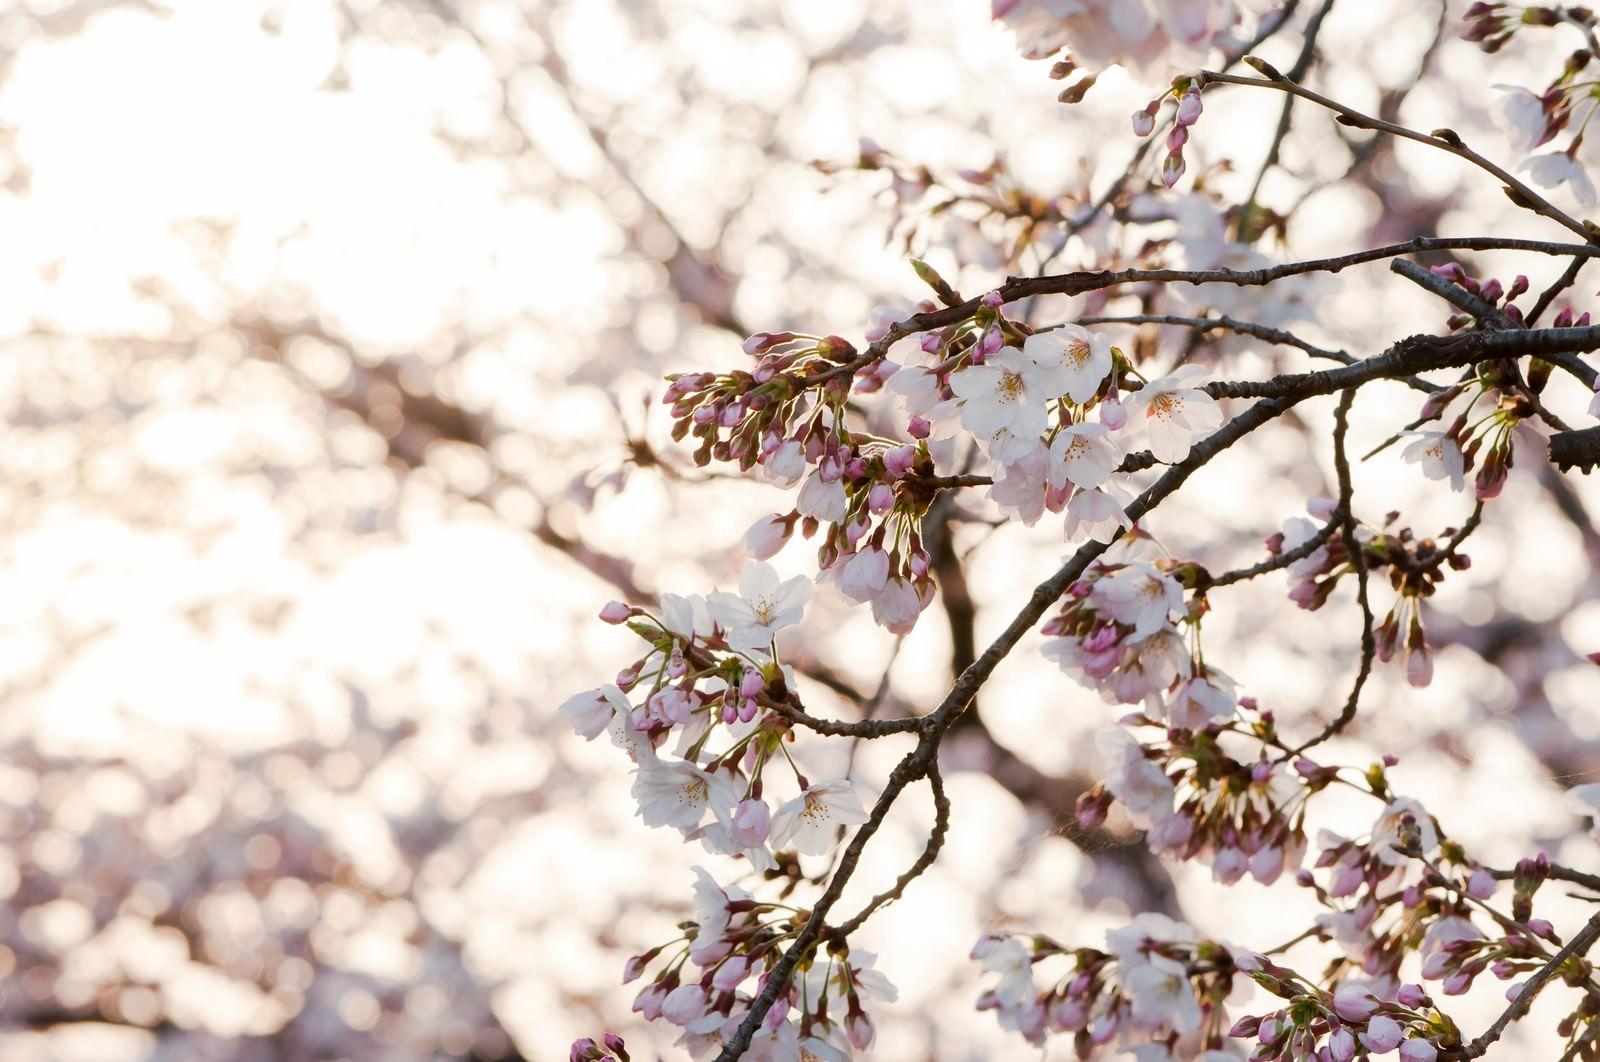 「朝日に照る桜朝日に照る桜」のフリー写真素材を拡大